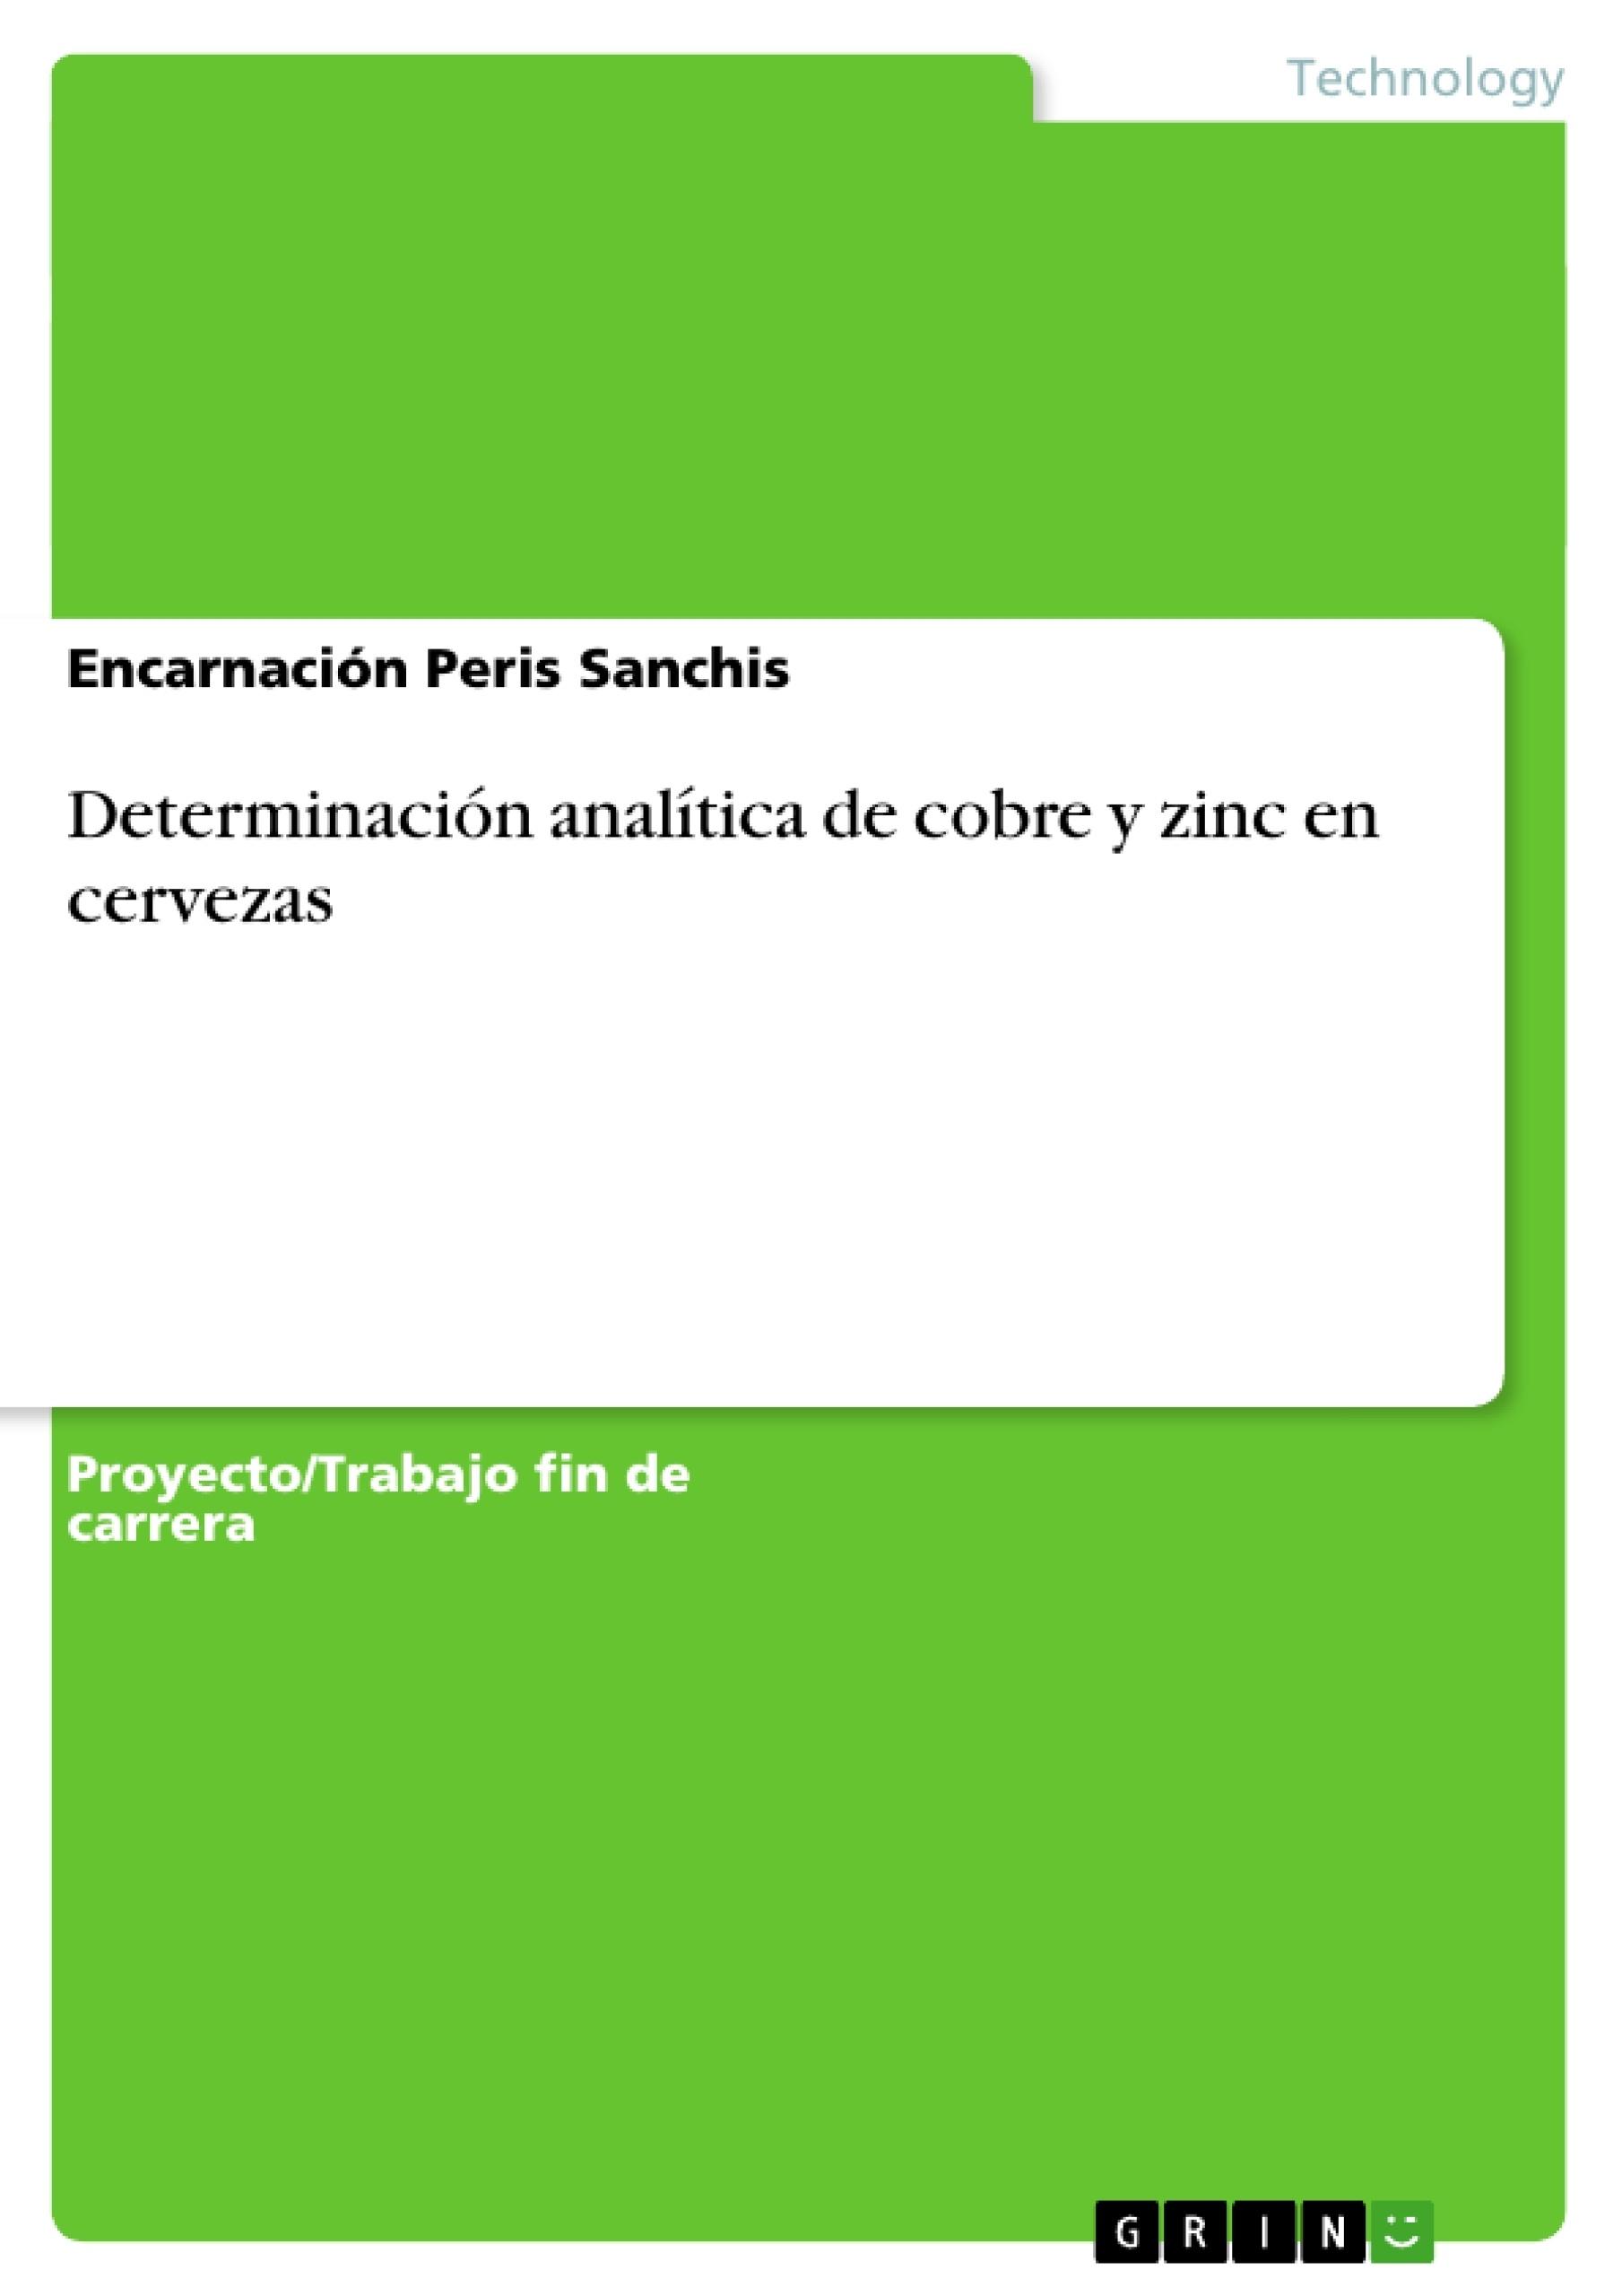 Determinación analítica de cobre y zinc en cervezas | Publique su ...